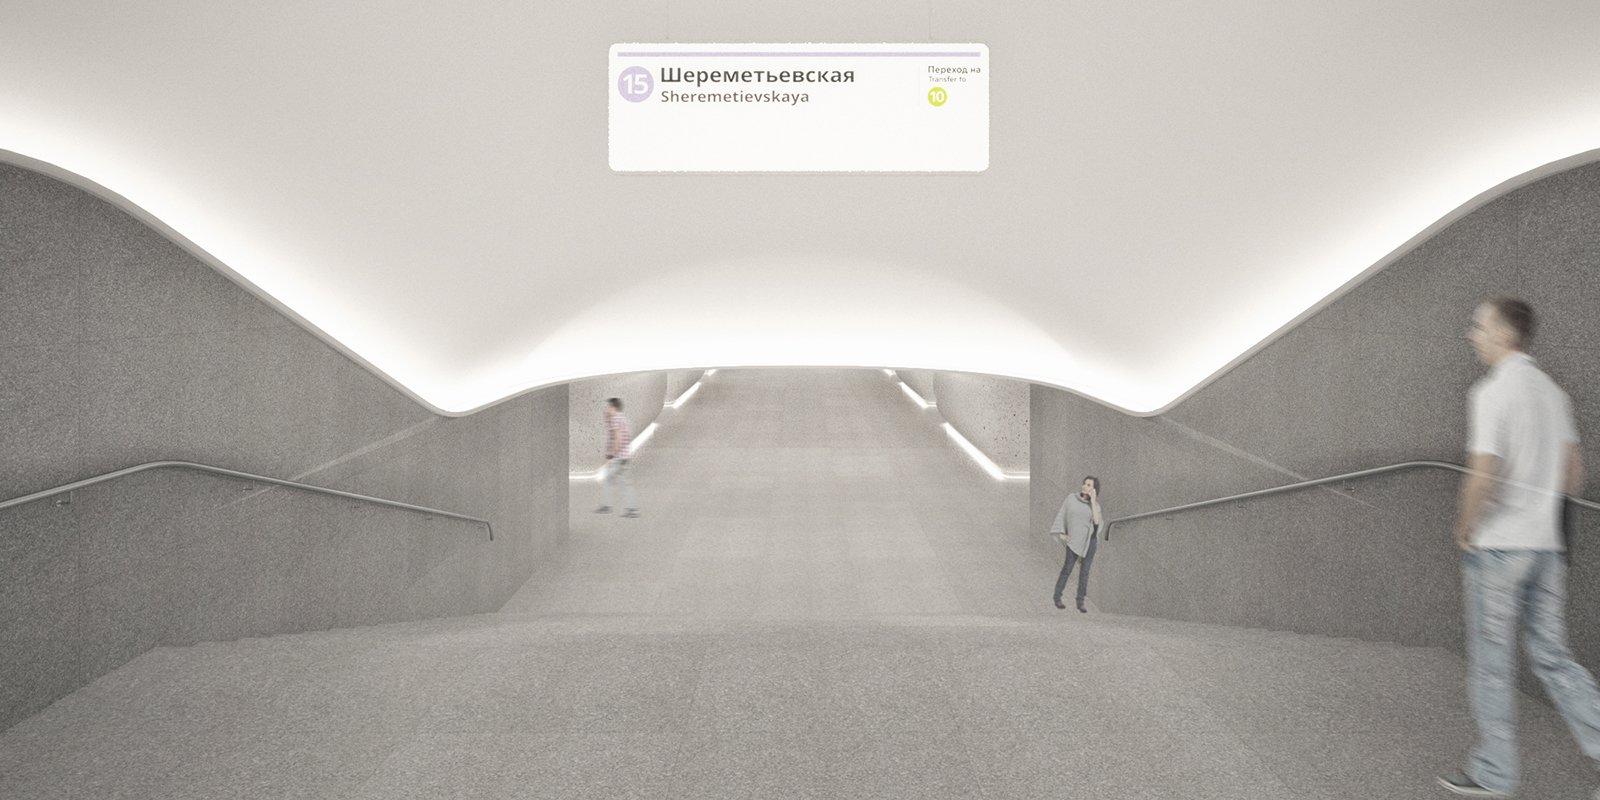 Утвержденный проект дизайна станции «Шереметьевская»